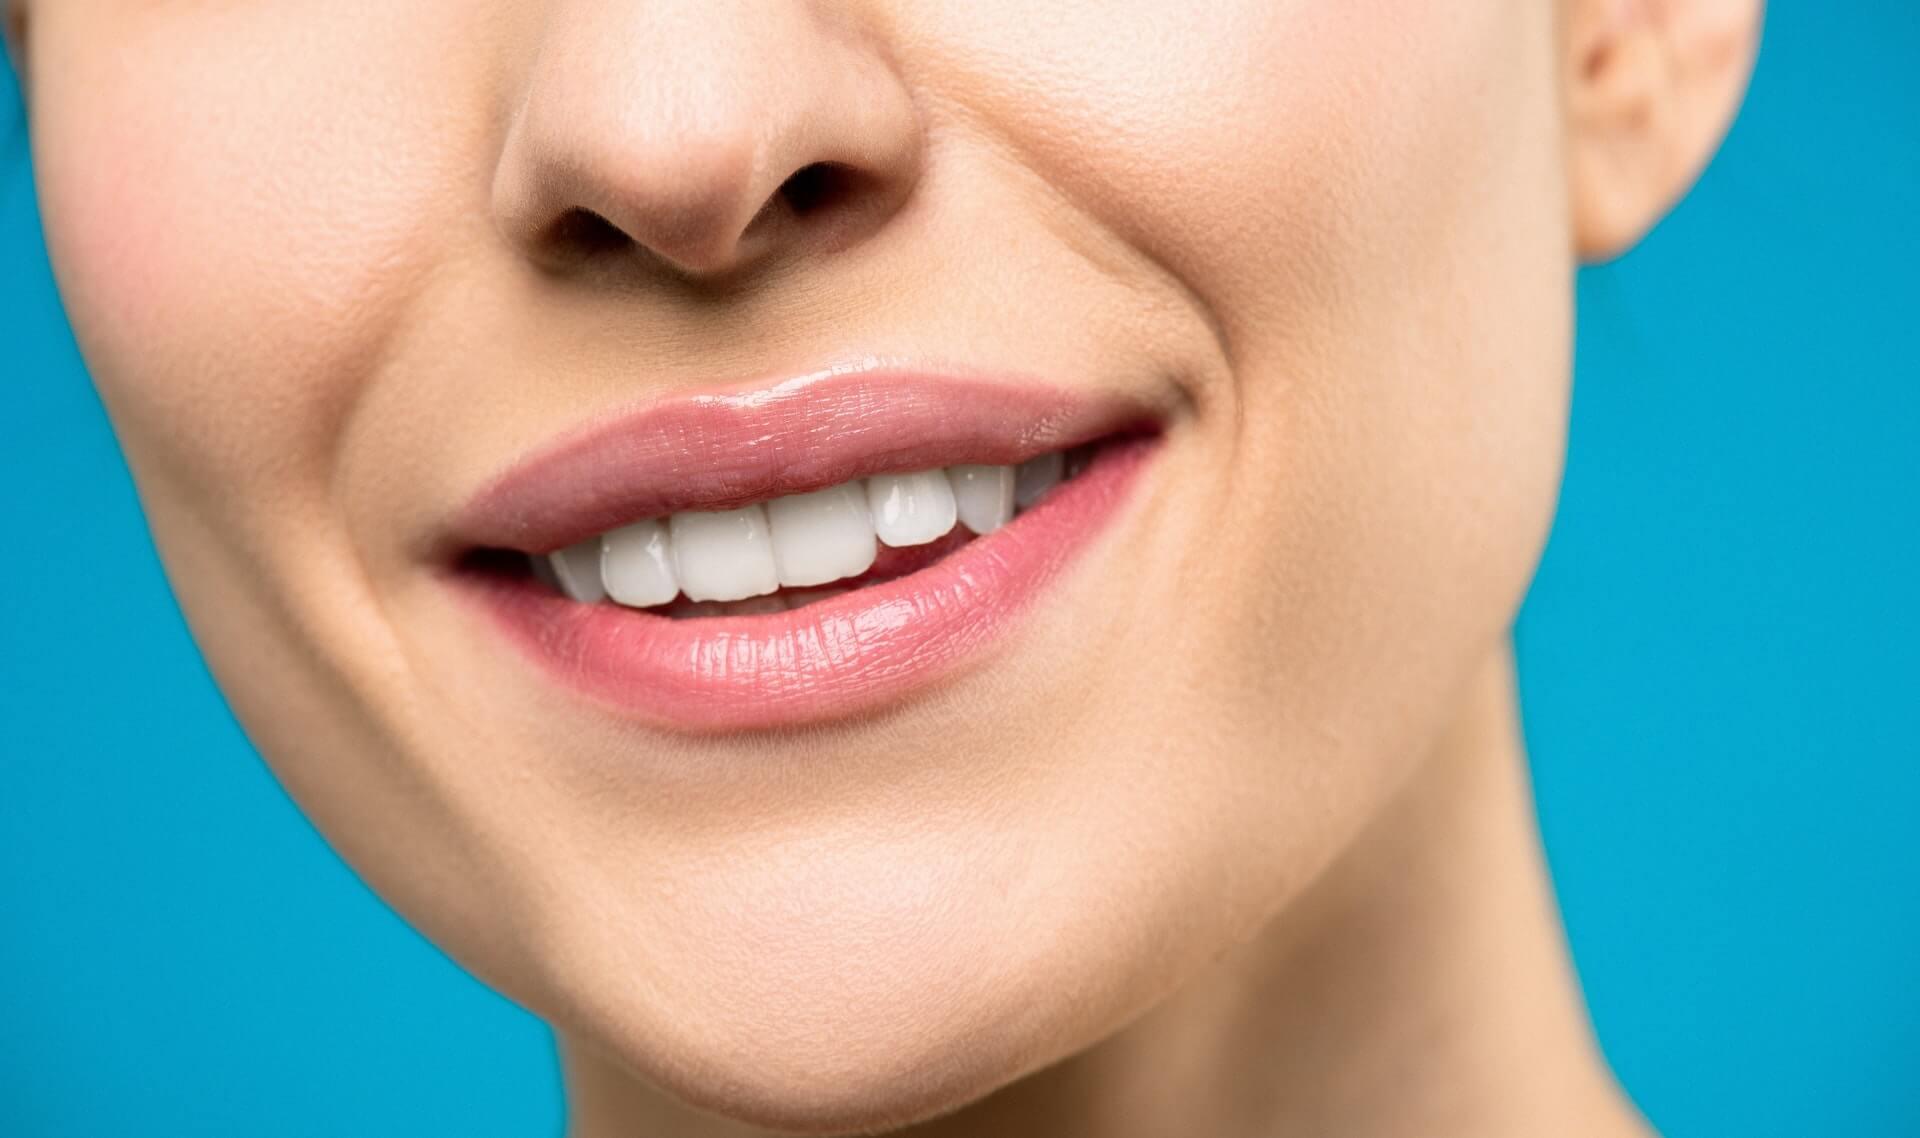 טיפים לבחירת רופא שיניים מושלם בדגש על המלצות וחוות דעת